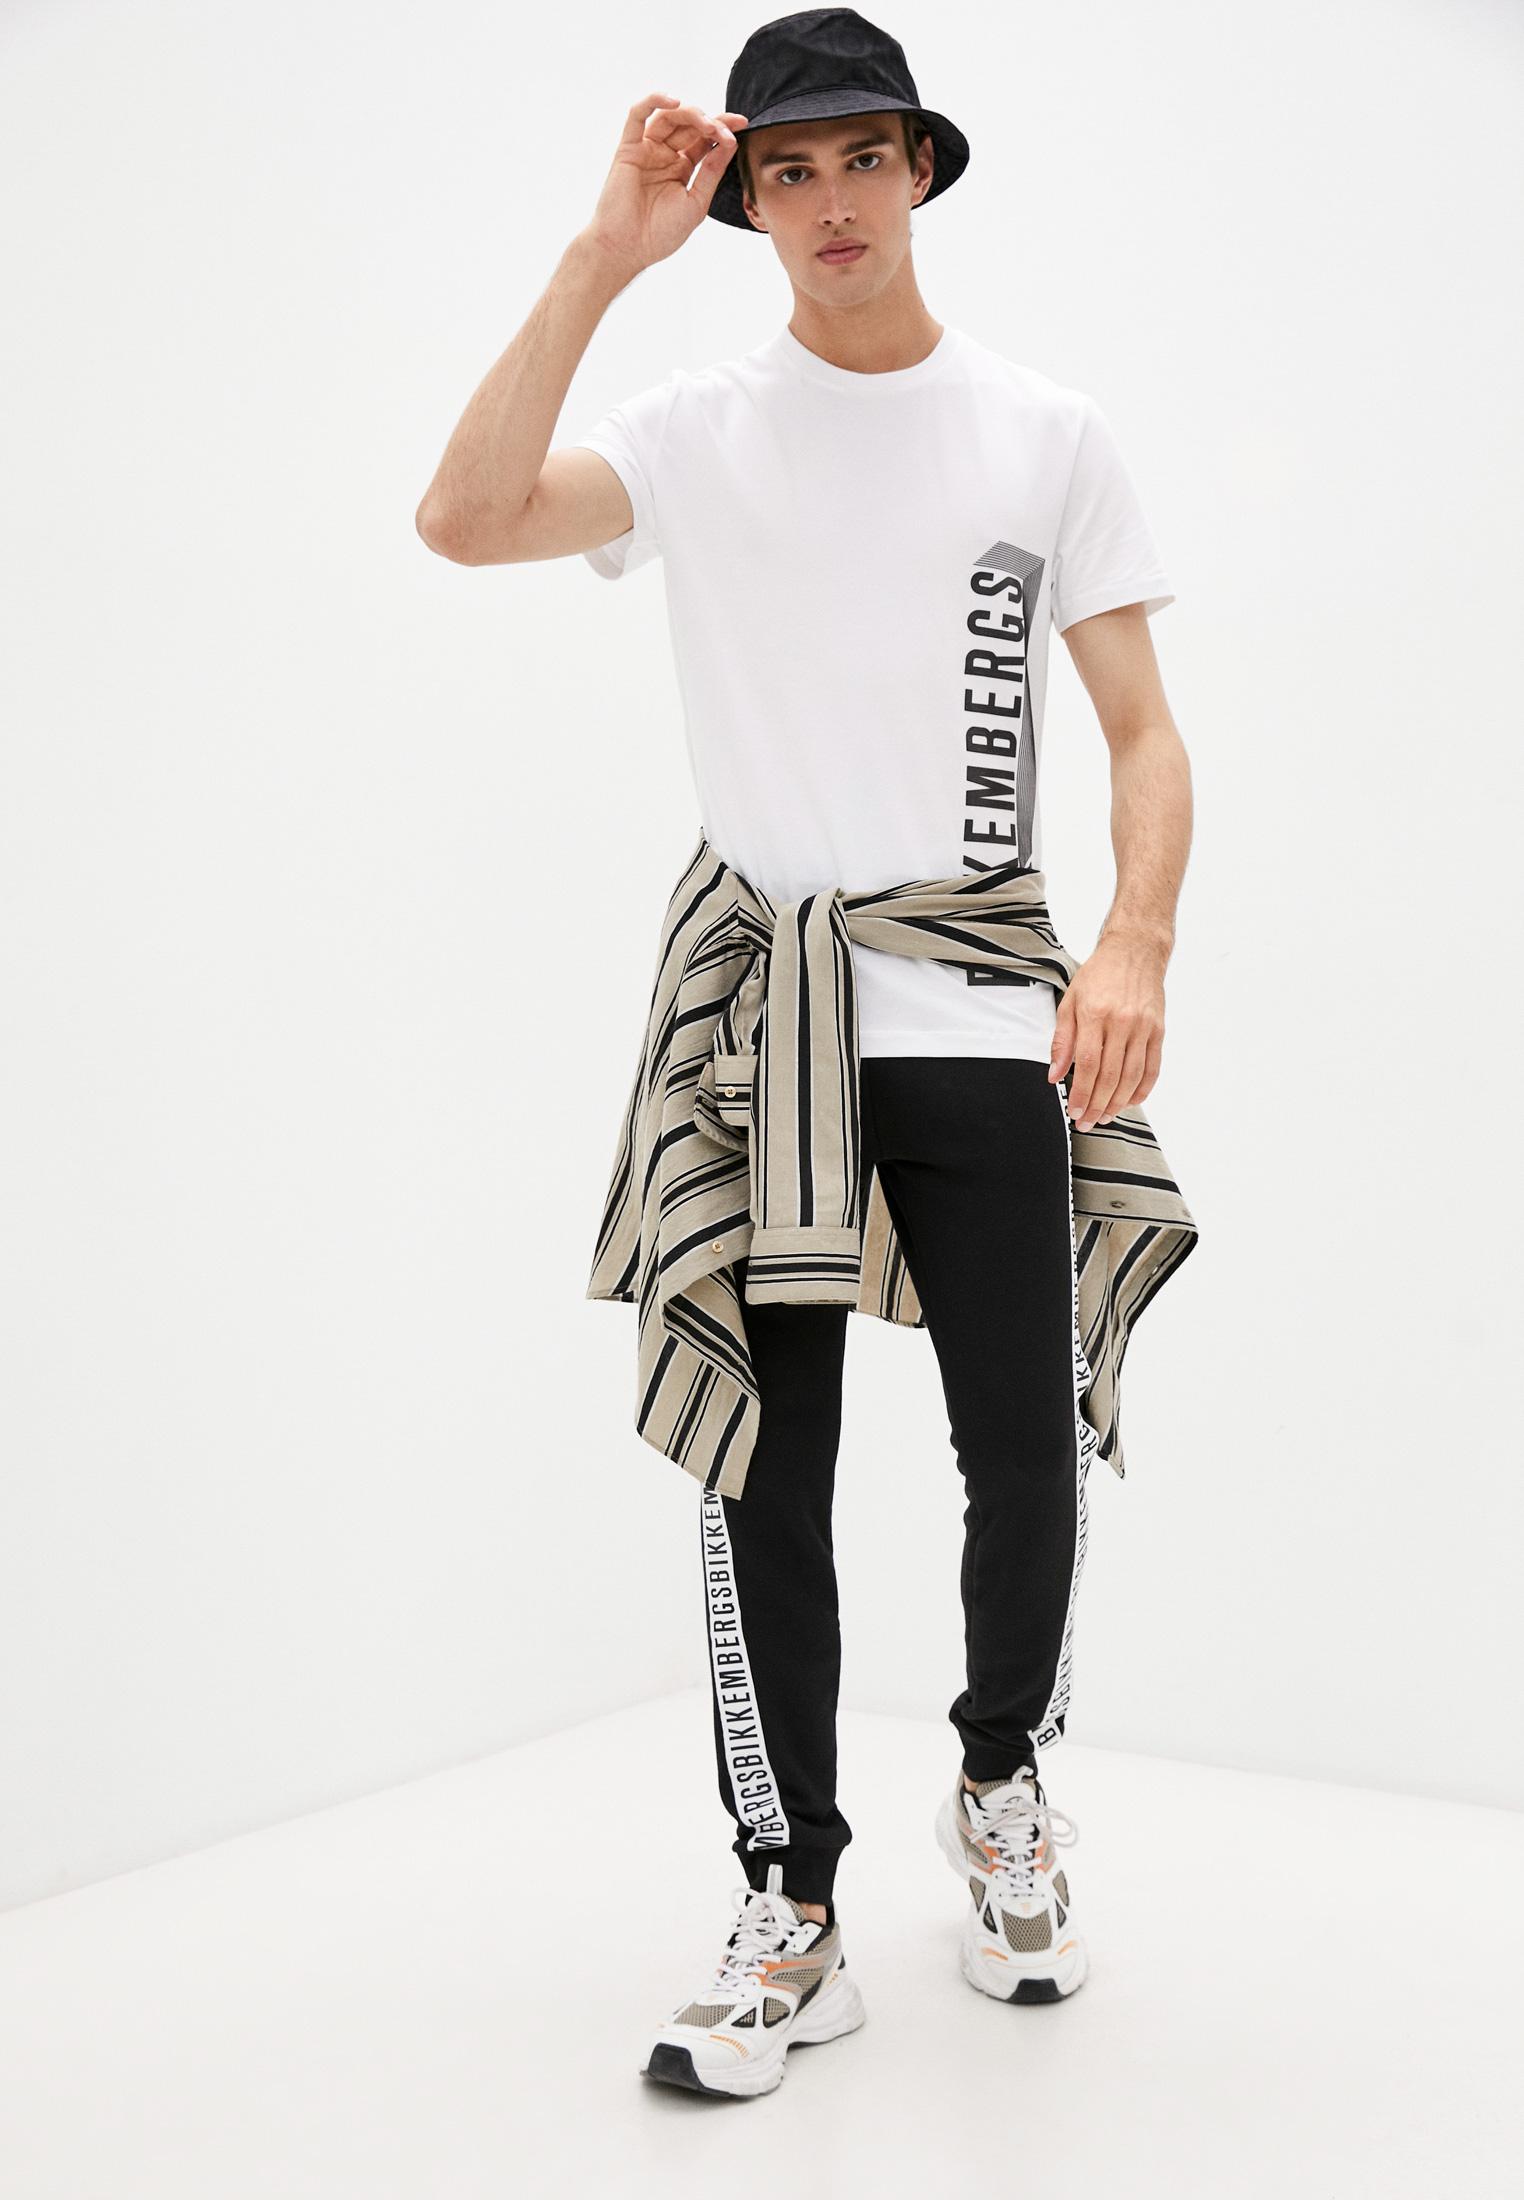 Мужская футболка Bikkembergs (Биккембергс) C 4 101 47 E 2296: изображение 3